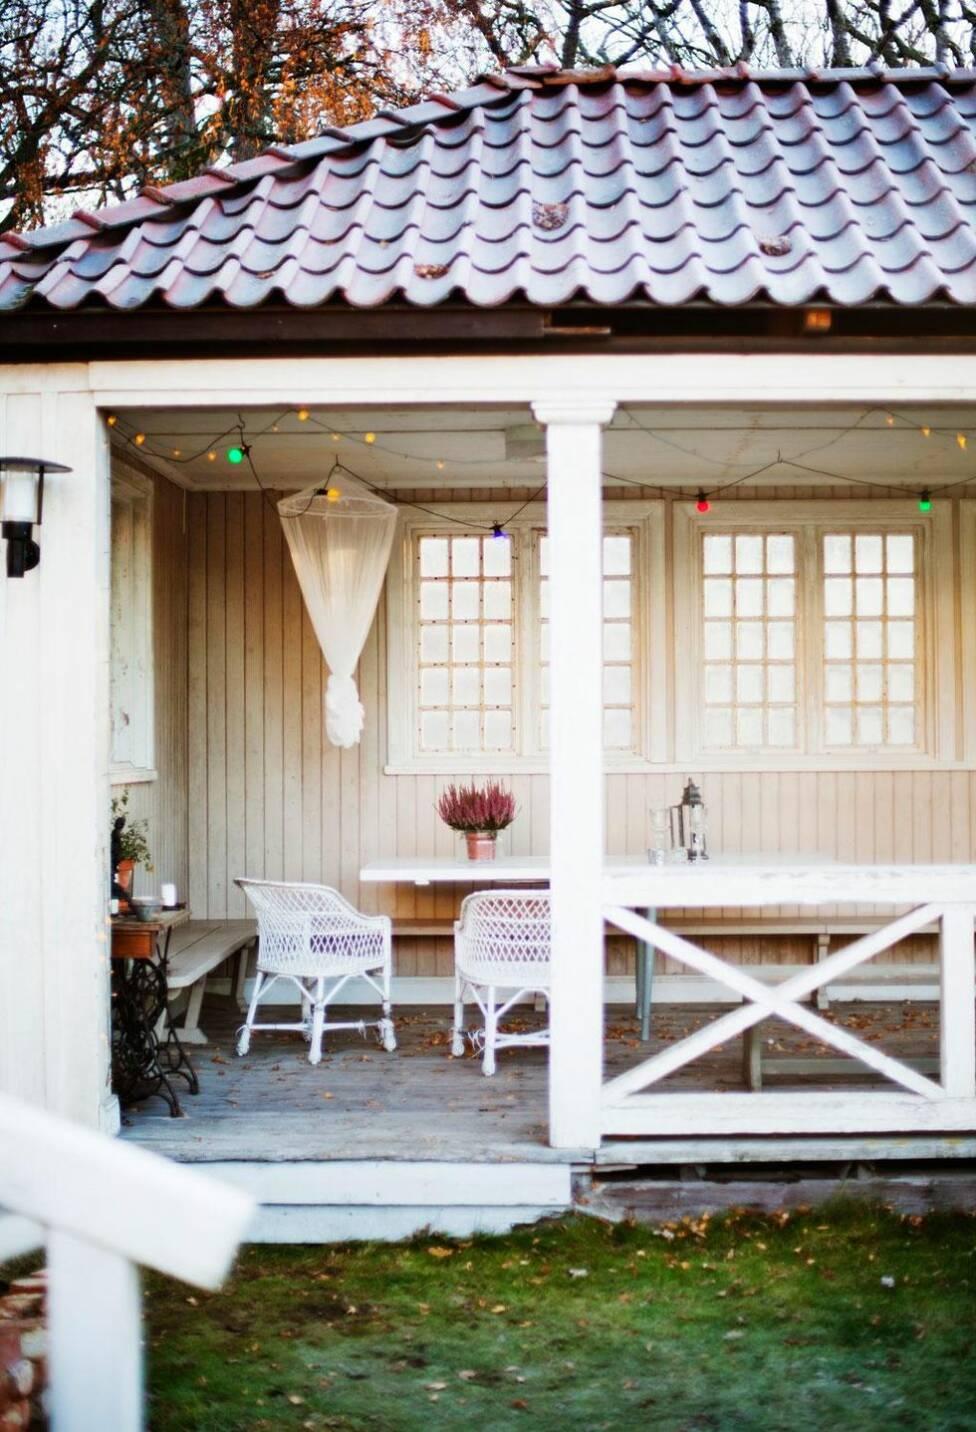 Pampigt parhus i Strängnäs